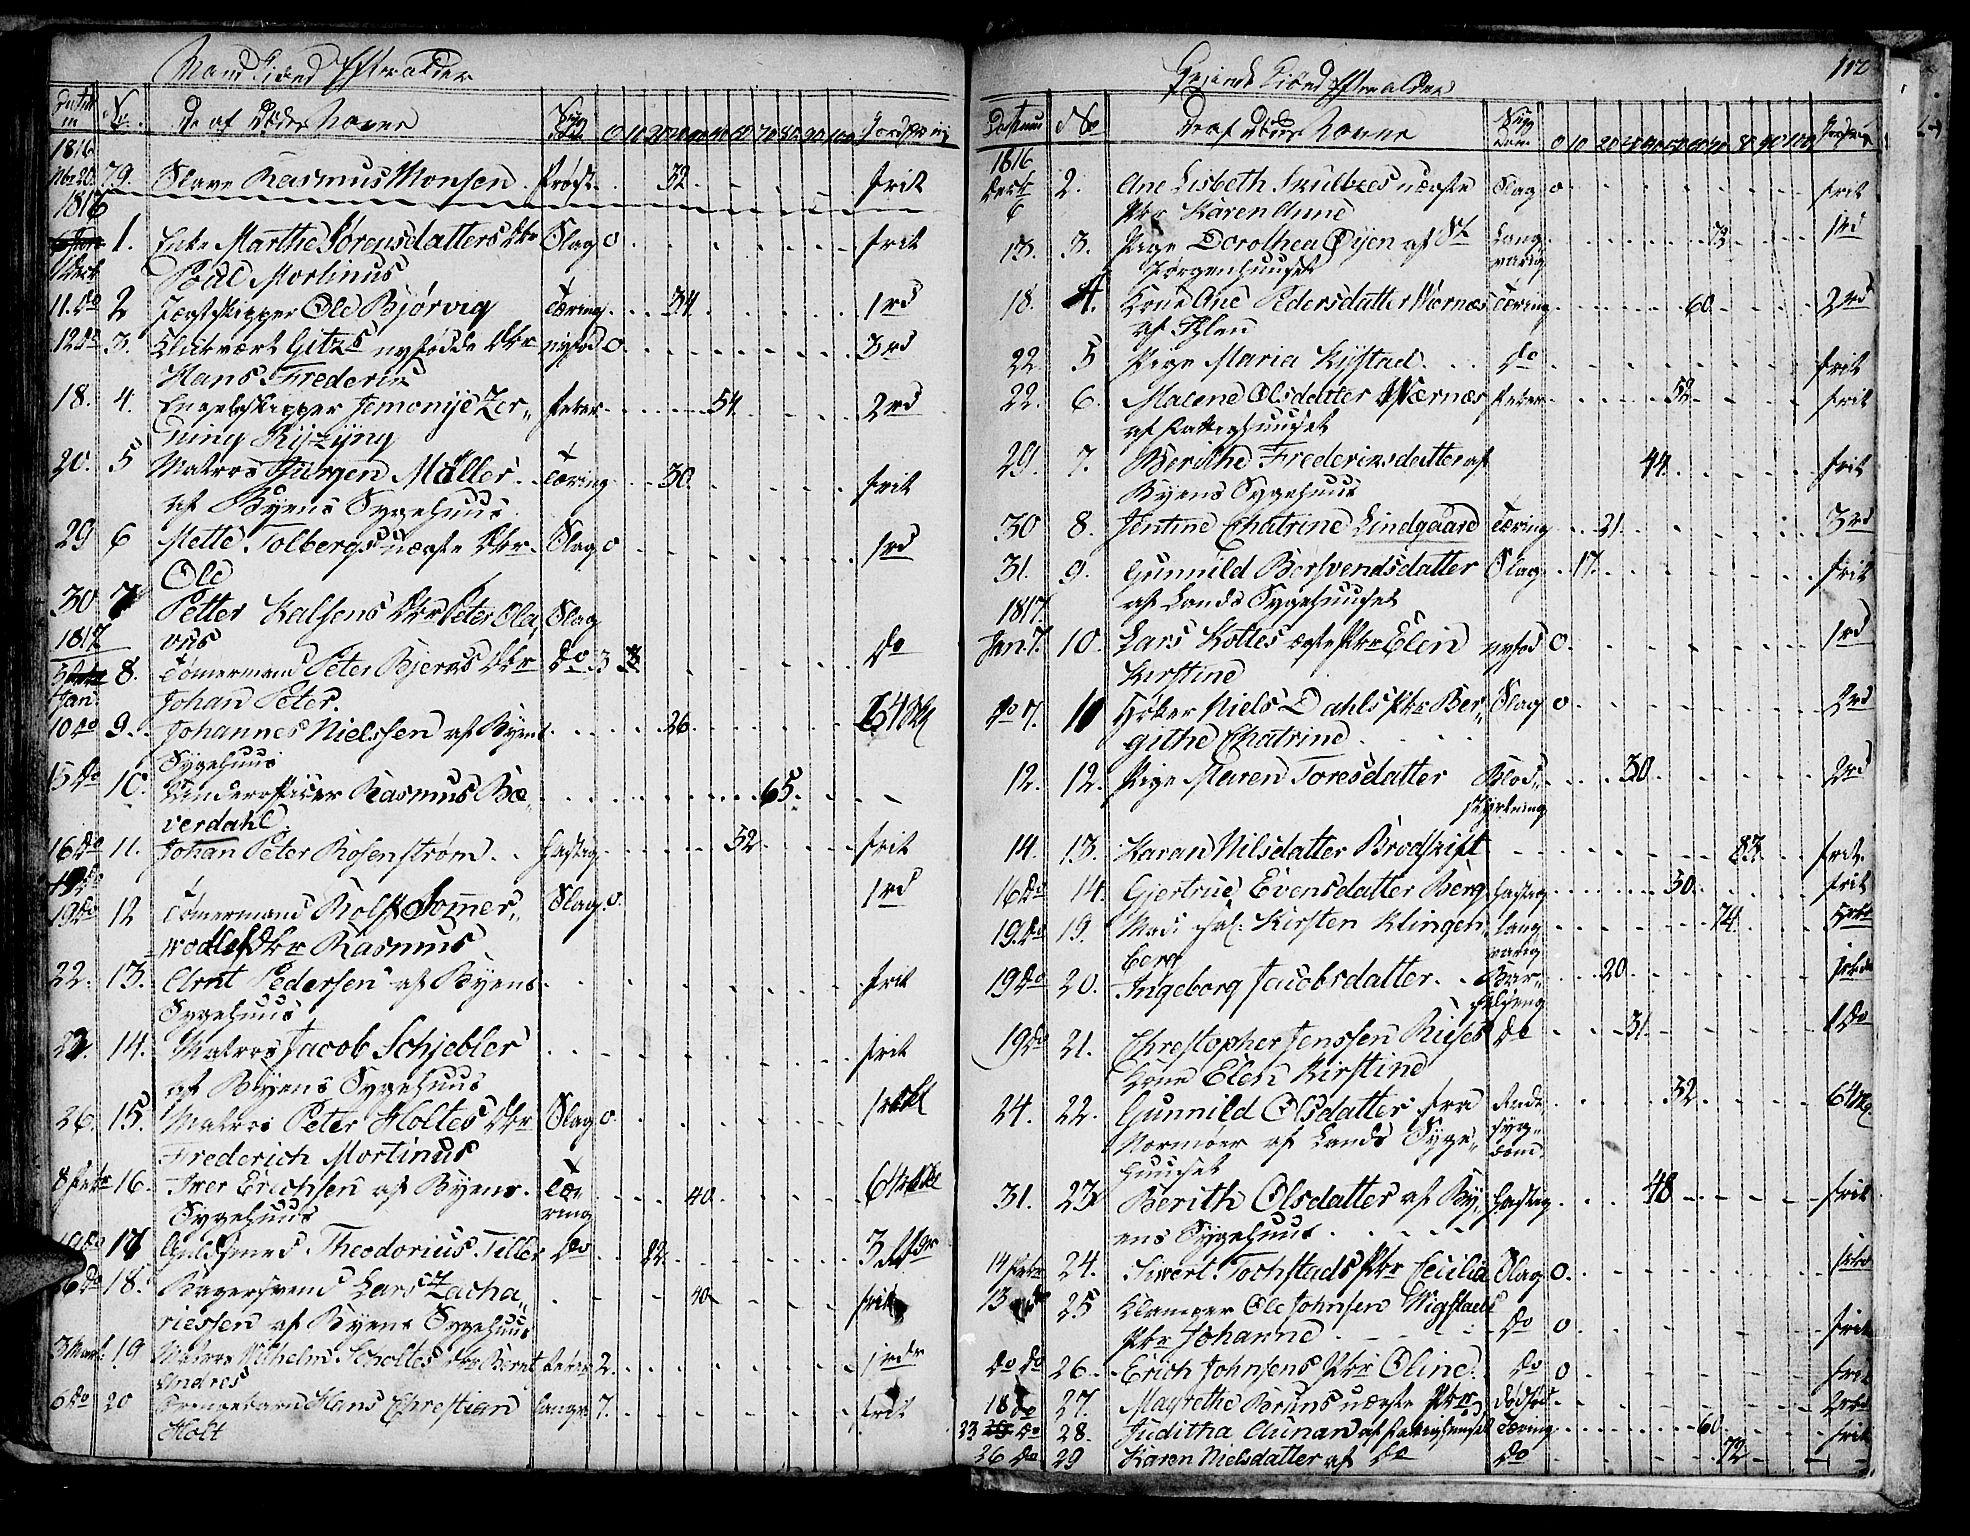 SAT, Ministerialprotokoller, klokkerbøker og fødselsregistre - Sør-Trøndelag, 601/L0040: Ministerialbok nr. 601A08, 1783-1818, s. 112